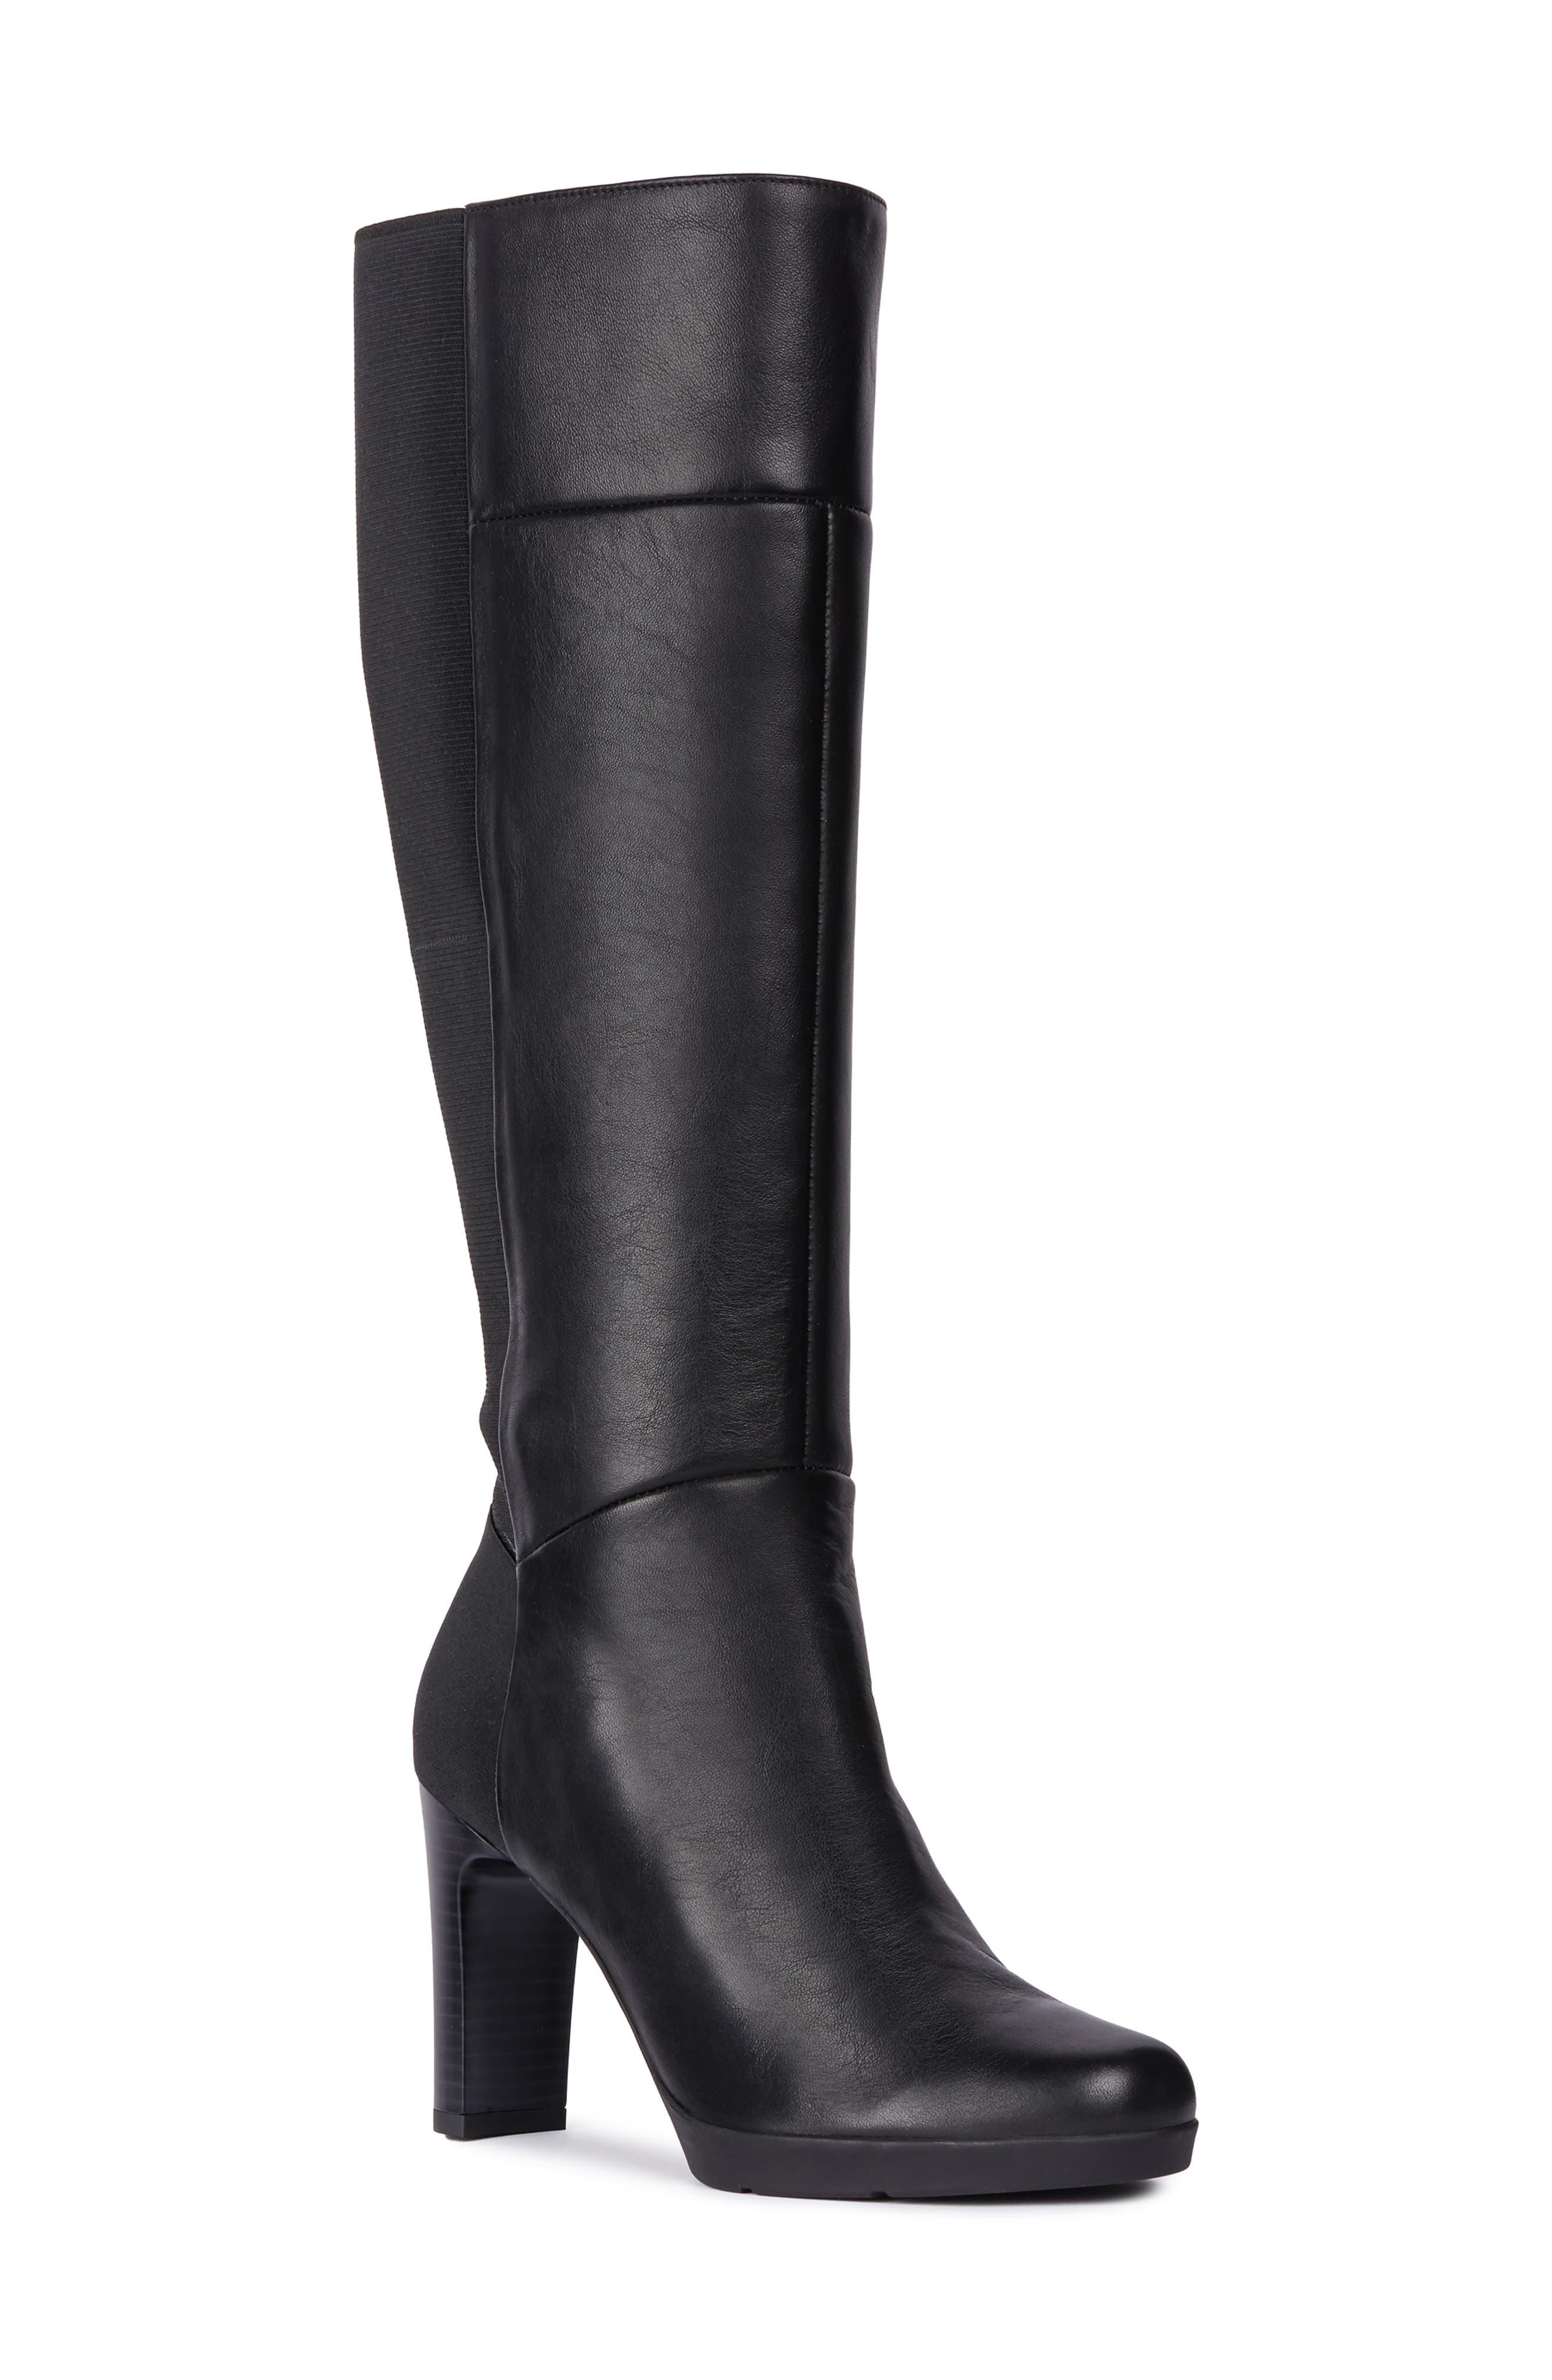 Geox Annya Knee High Boot - Black